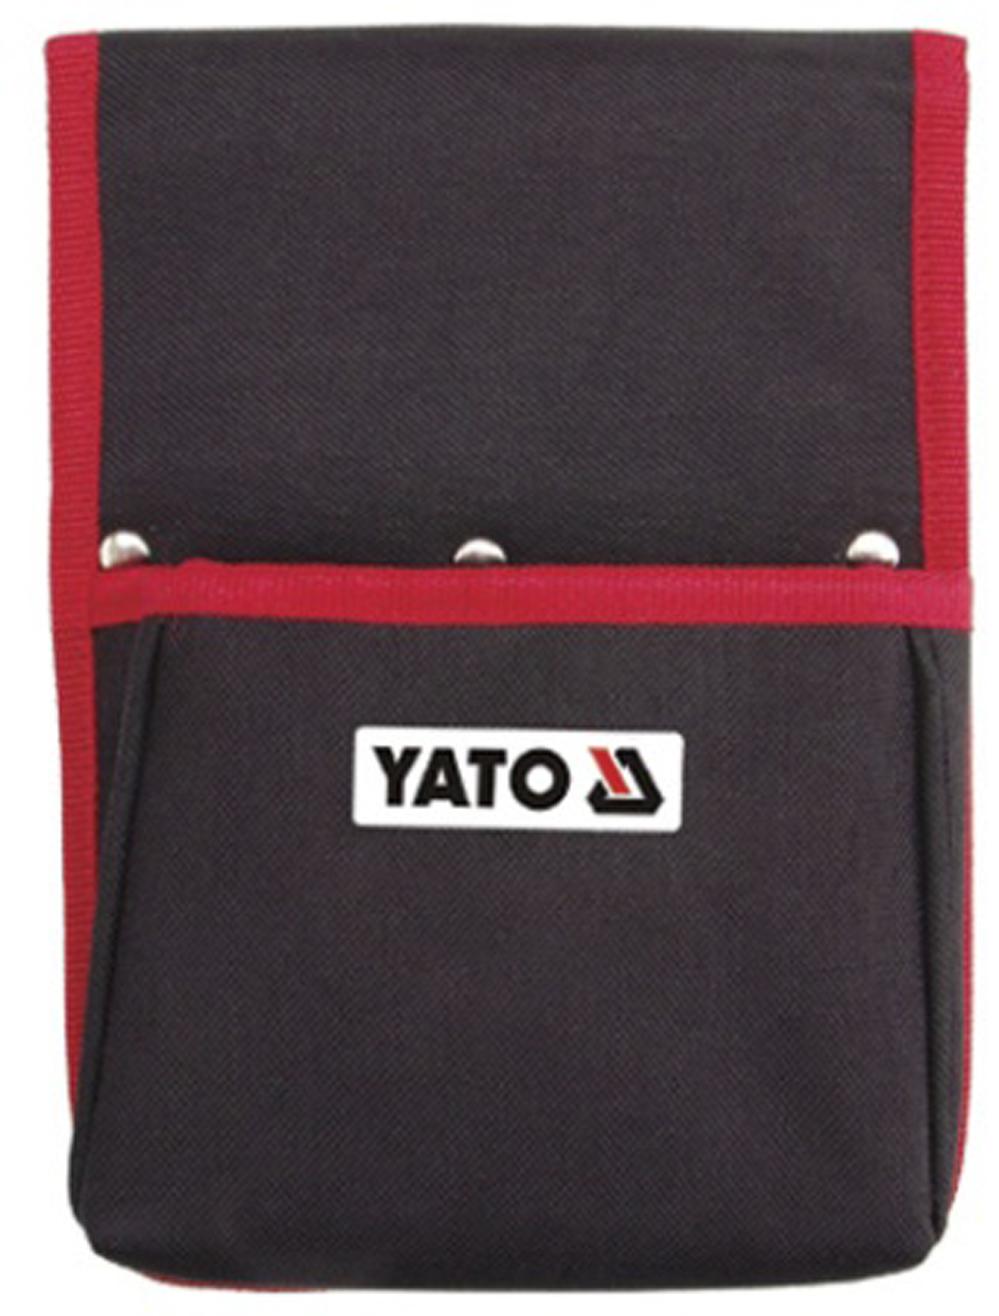 024df0f0c592 Szerszámtartó táskák, kiegészítők, erszények - Kulimary